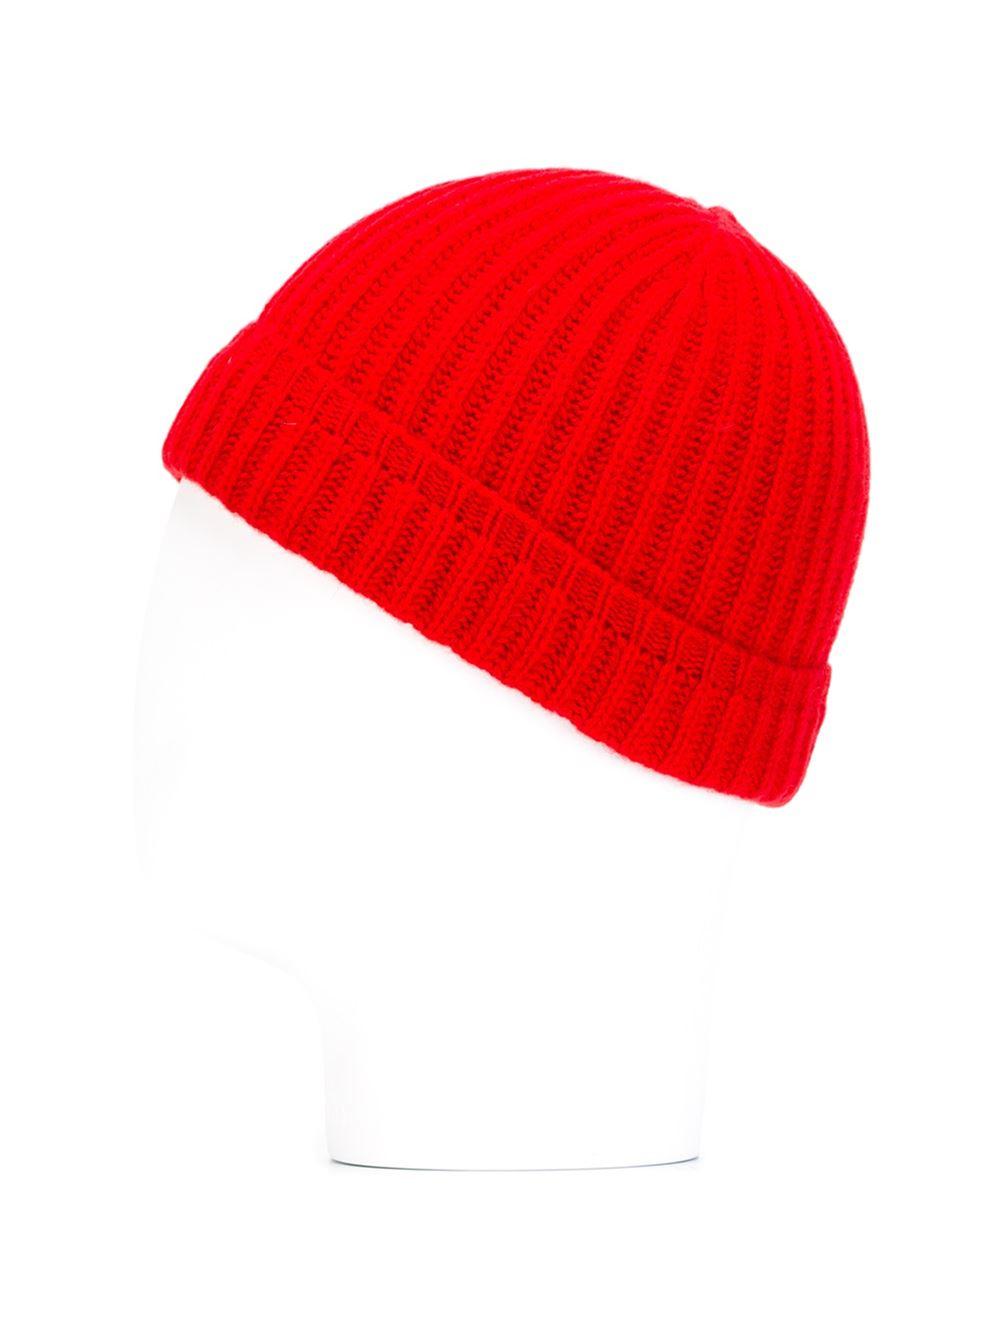 e92848125c9 Maison Kitsuné Ribbed Beanie Hat in Red for Men - Lyst